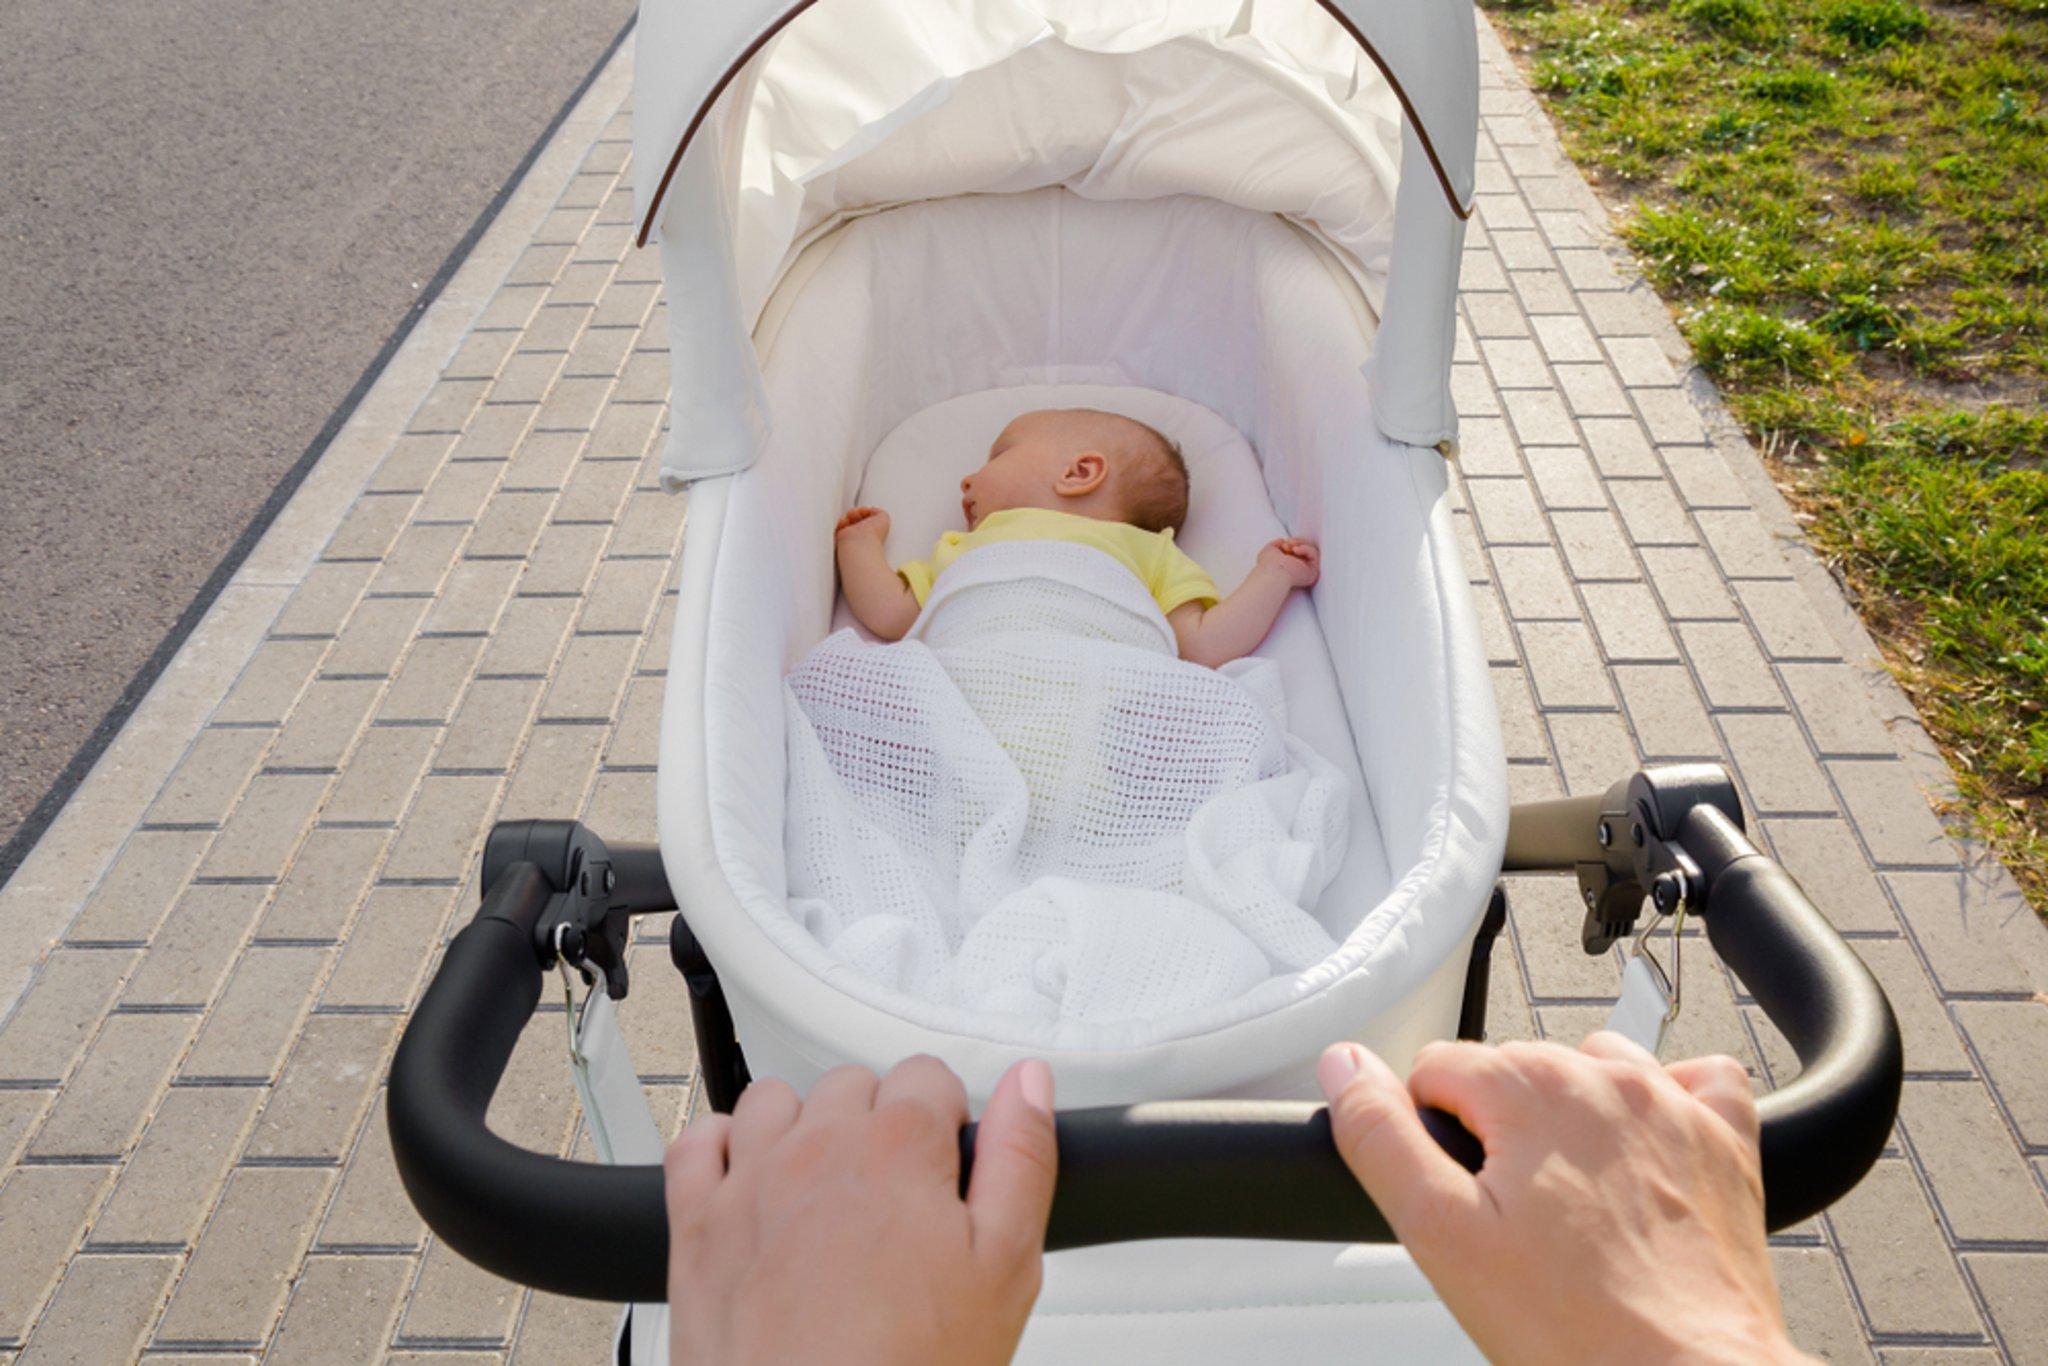 Kereta bayi terbaik Inggris: kami meninjau sistem perjalanan dan kursi dorong, dari Cybex, Mamas & Papas, dan Silver Cross